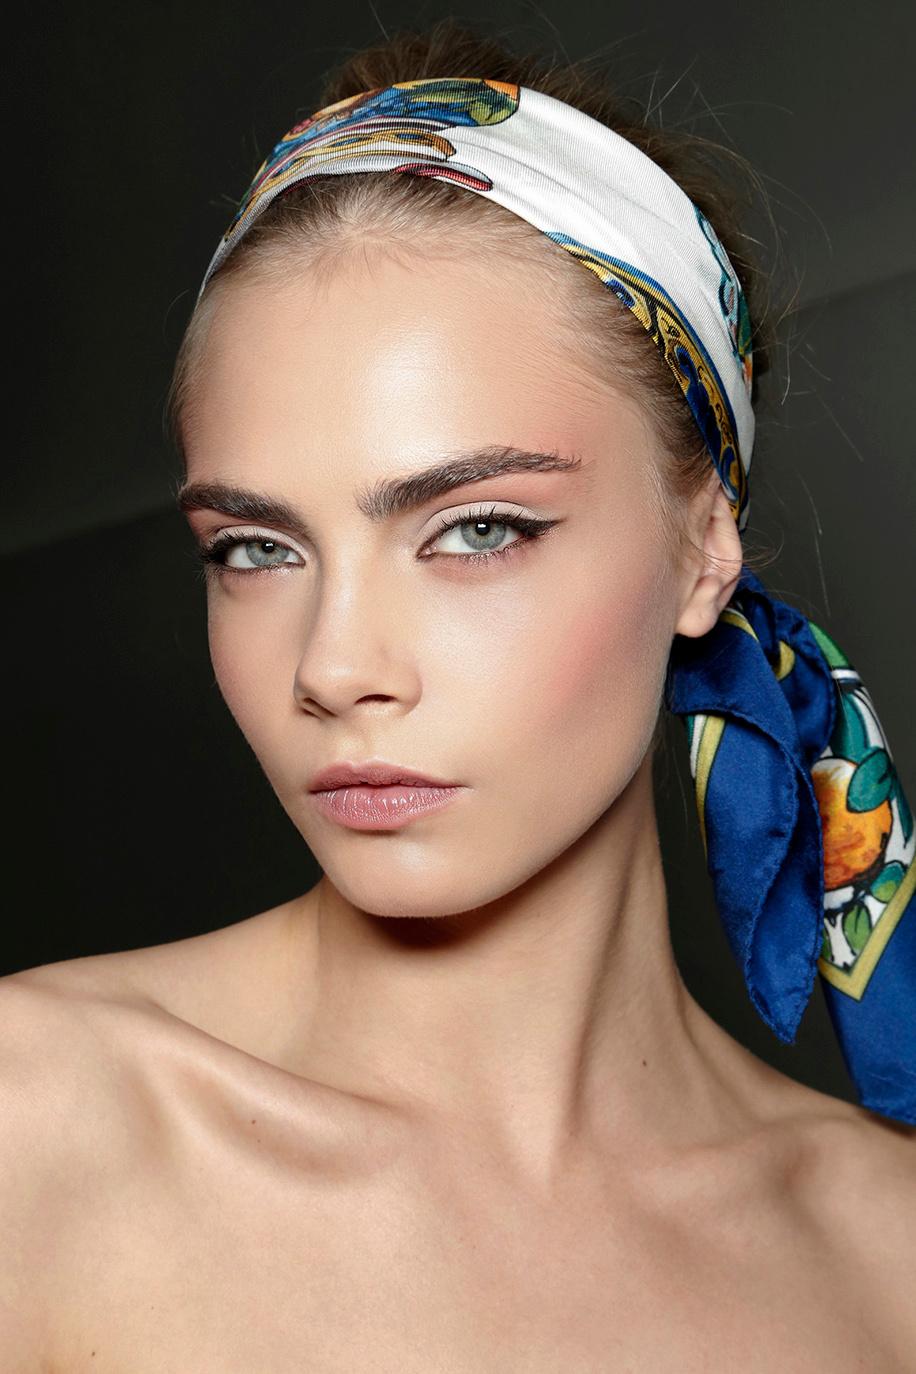 827bf311d51b Comment porter le foulard dans les cheveux avec style